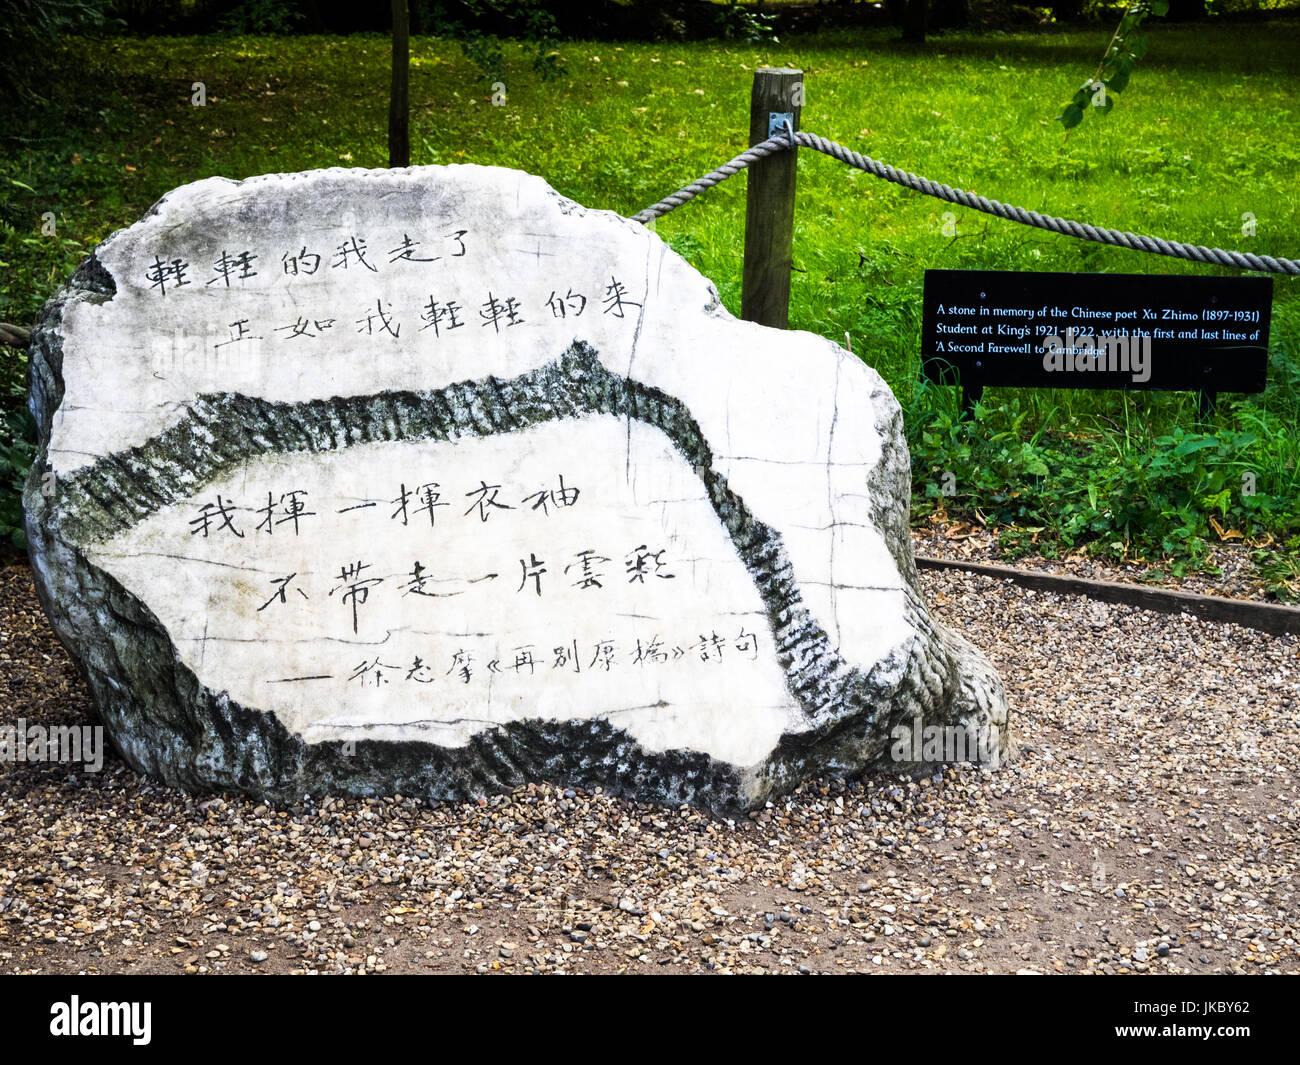 Xu Zhimo poema - La primera y la última línea del poema de despedida a Cambridge, tallada en piedra, en Imagen De Stock